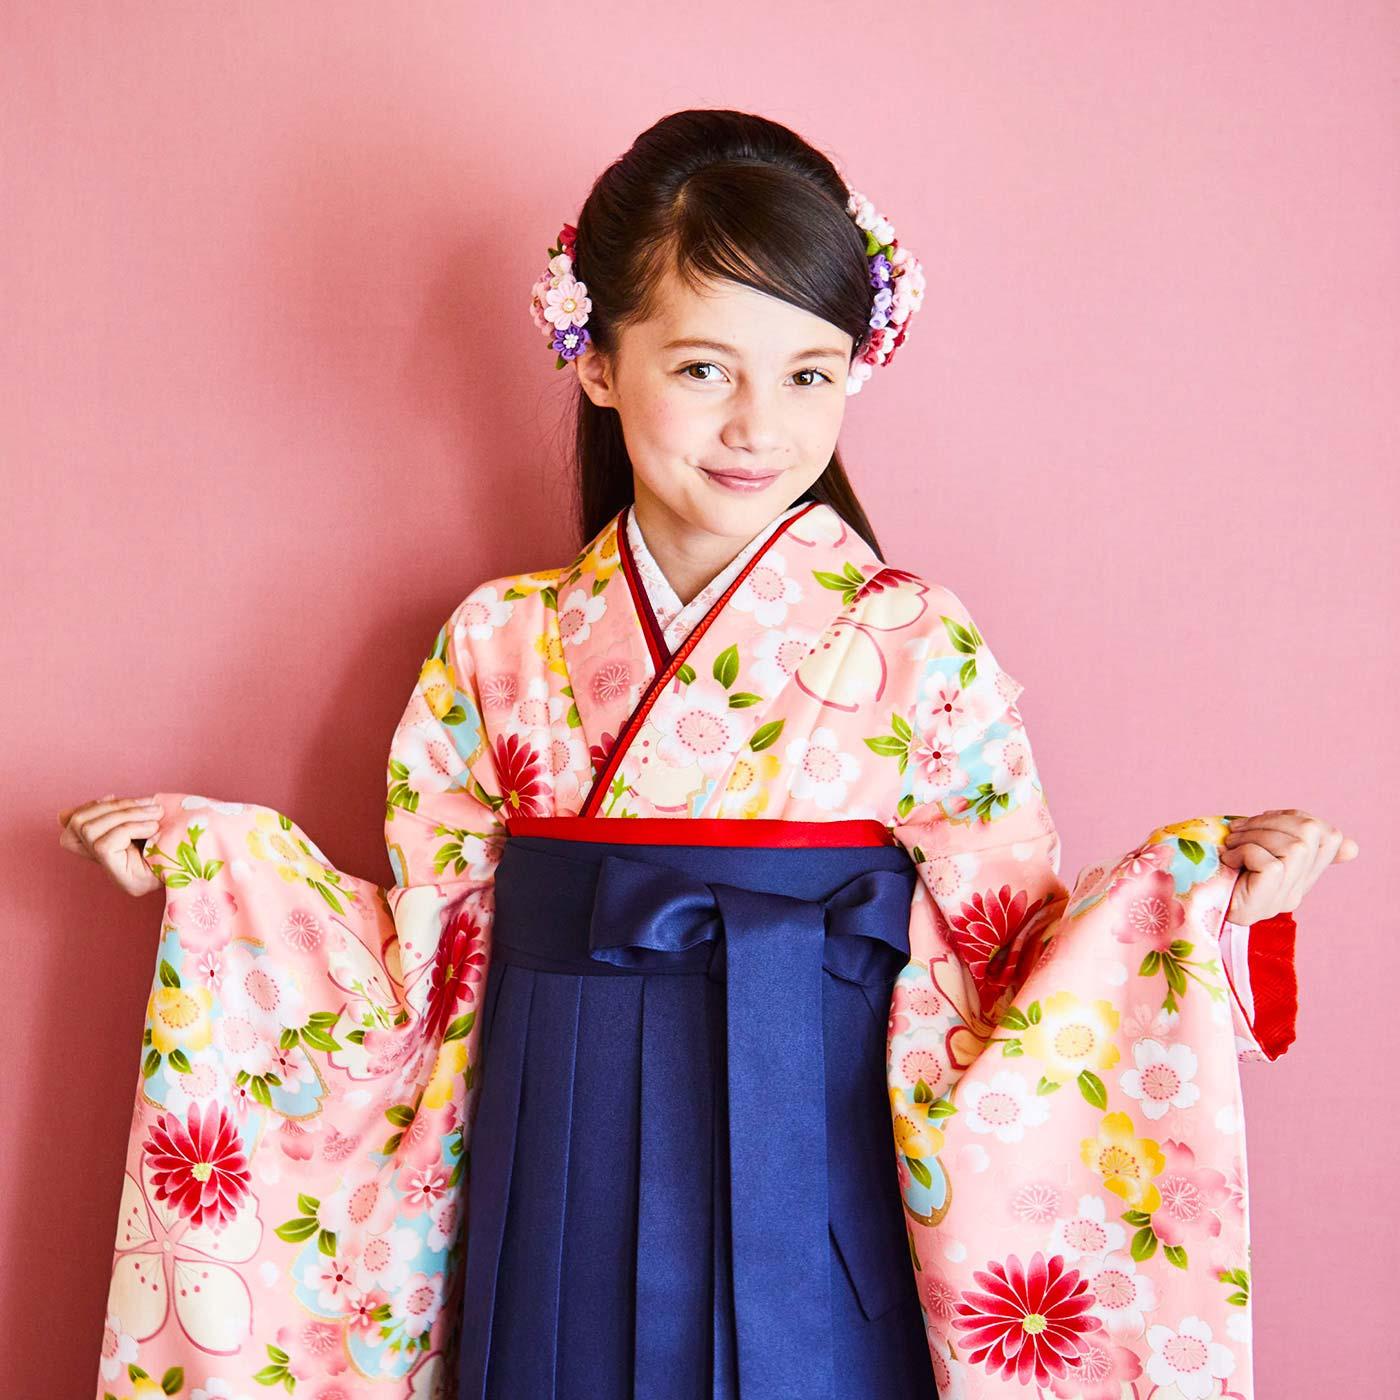 娘さんやお孫さんの卒業式や七五三の晴れ姿に(写真は桃色を着用しています)。